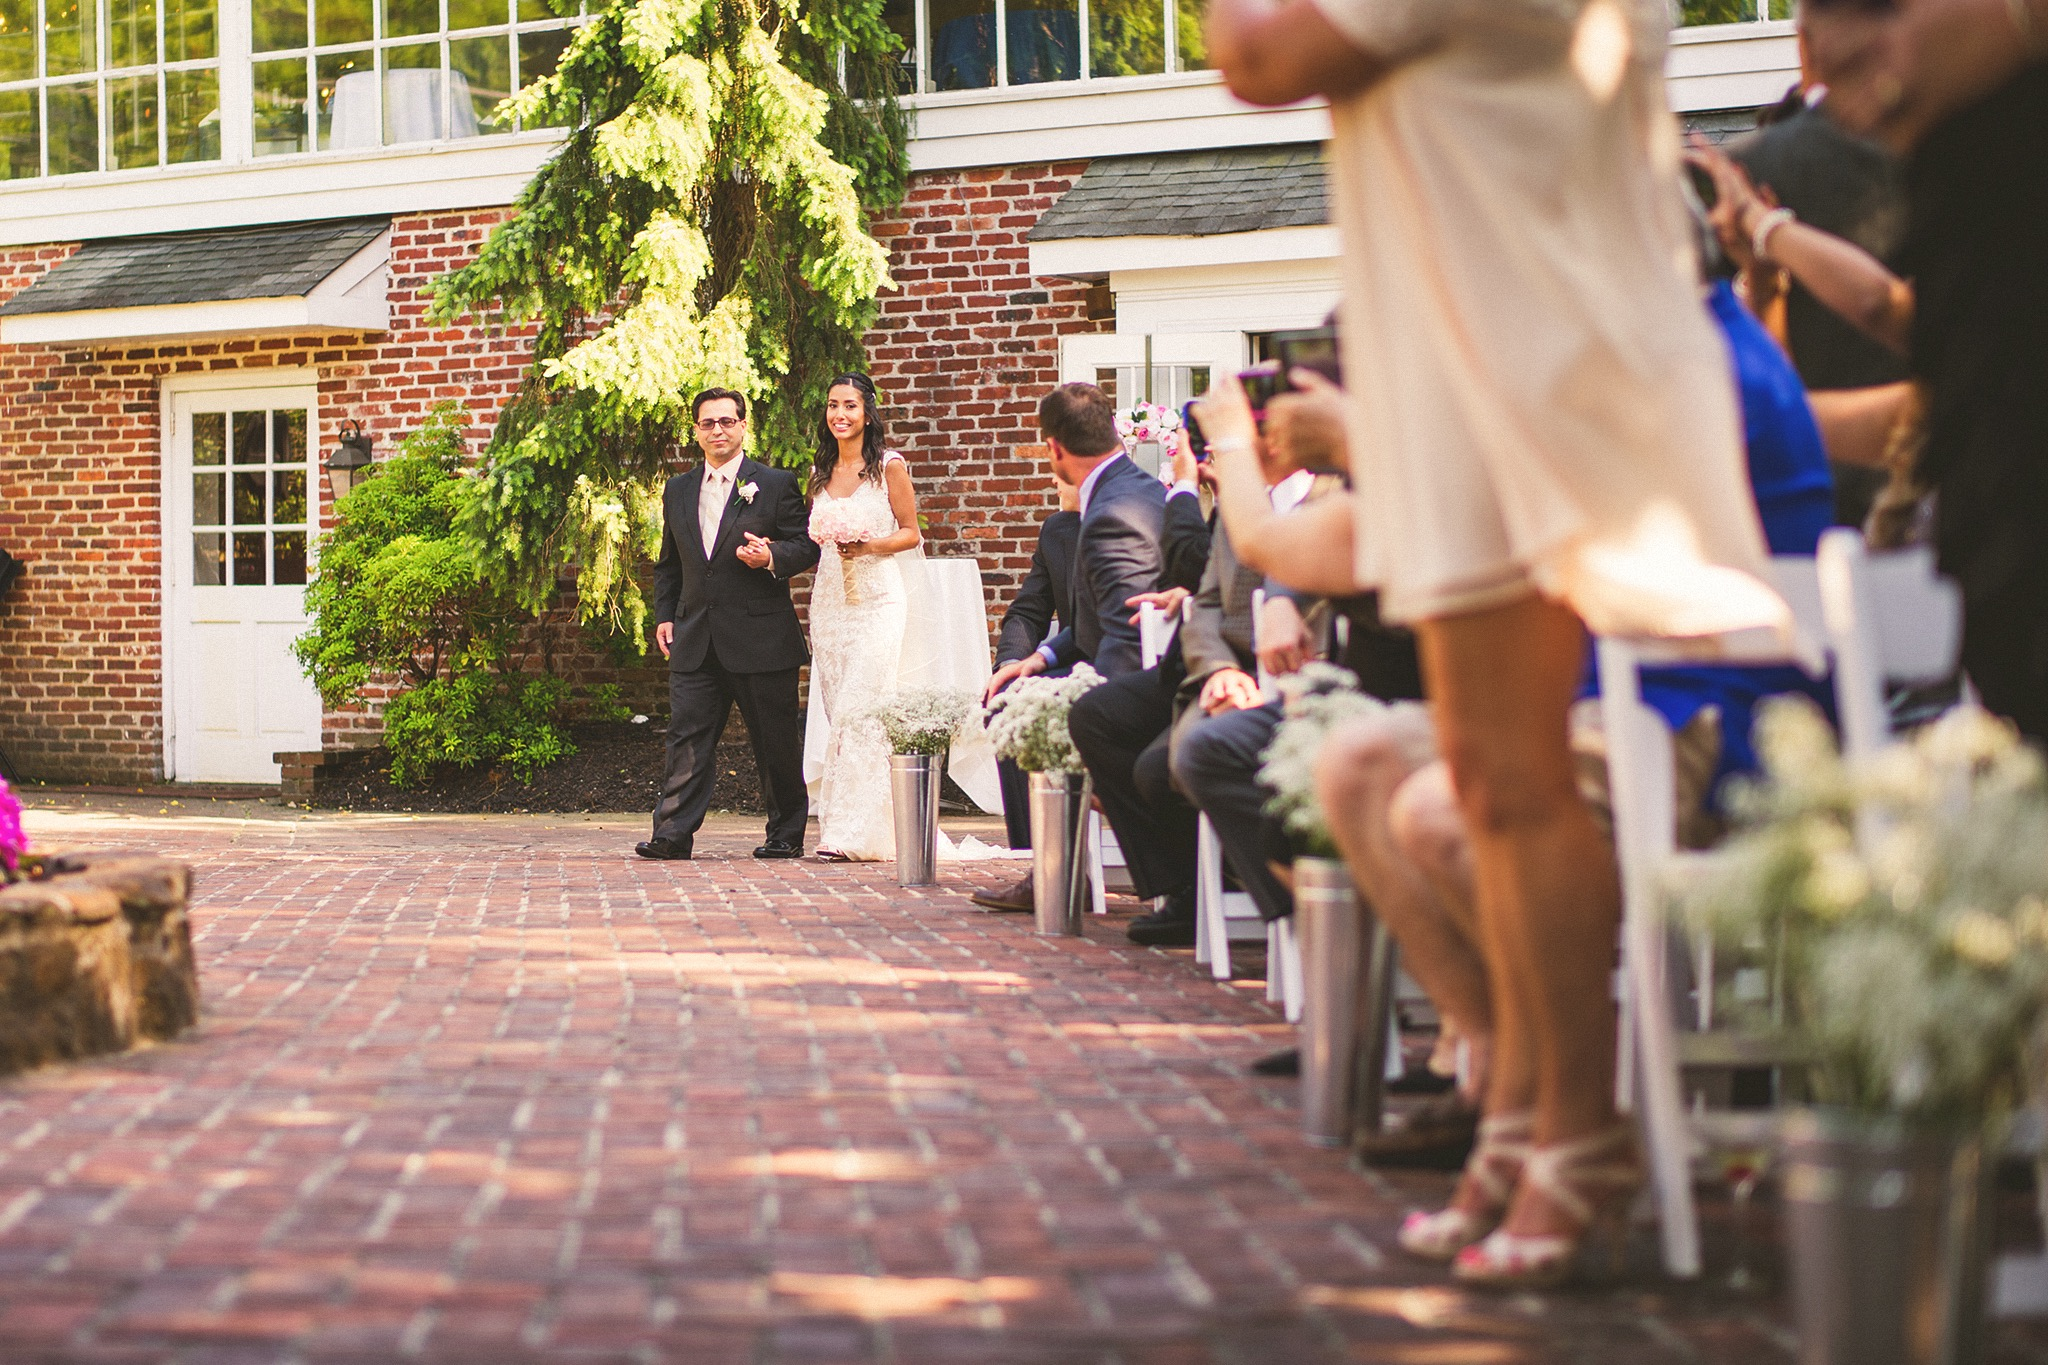 46-bride-walking-down-asile.jpg